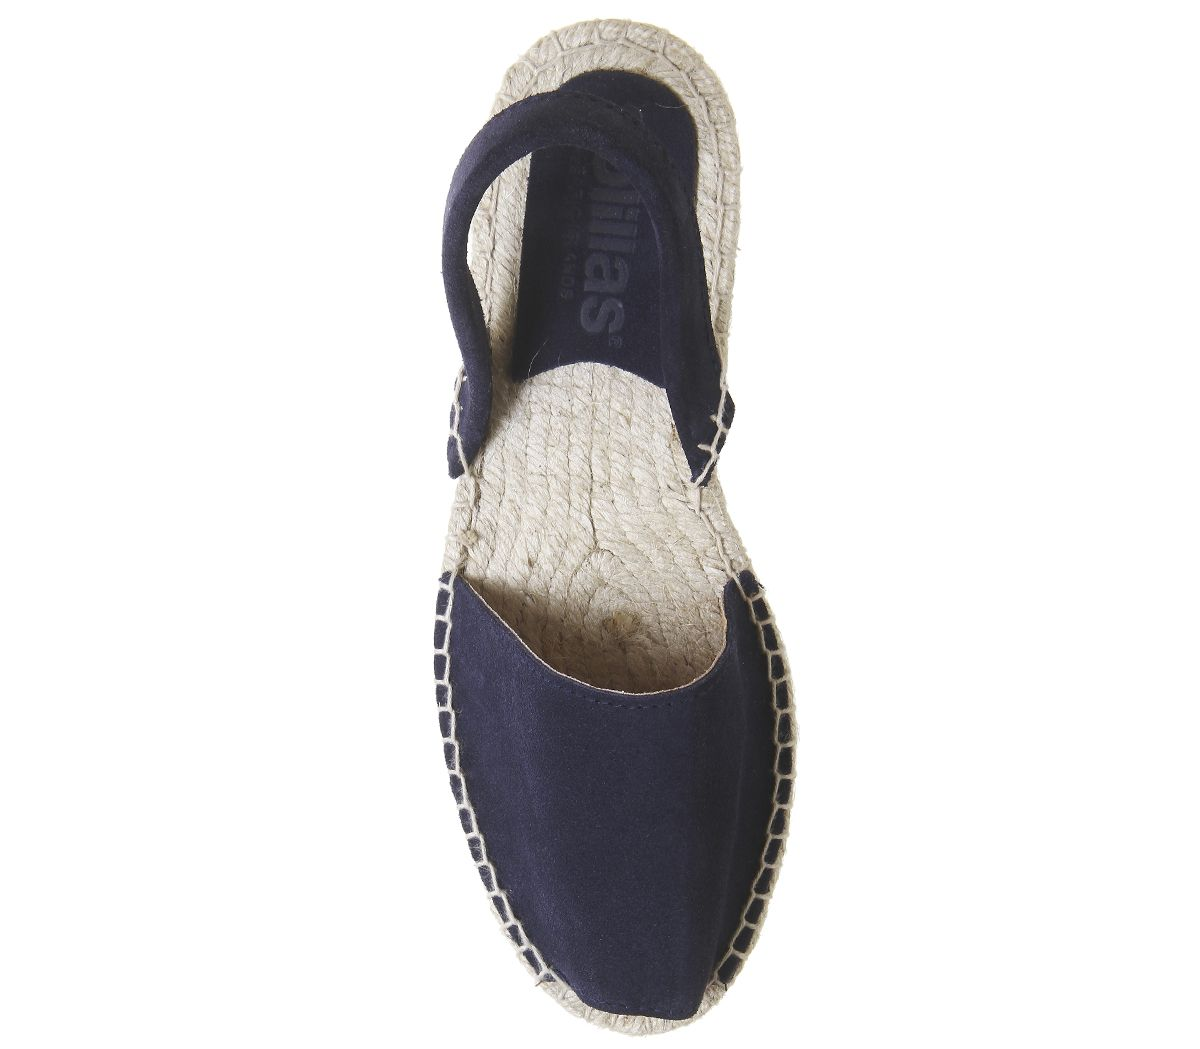 Womens-Solillas-Solillas-Estrella-Sandals-Navy-Sandals thumbnail 5